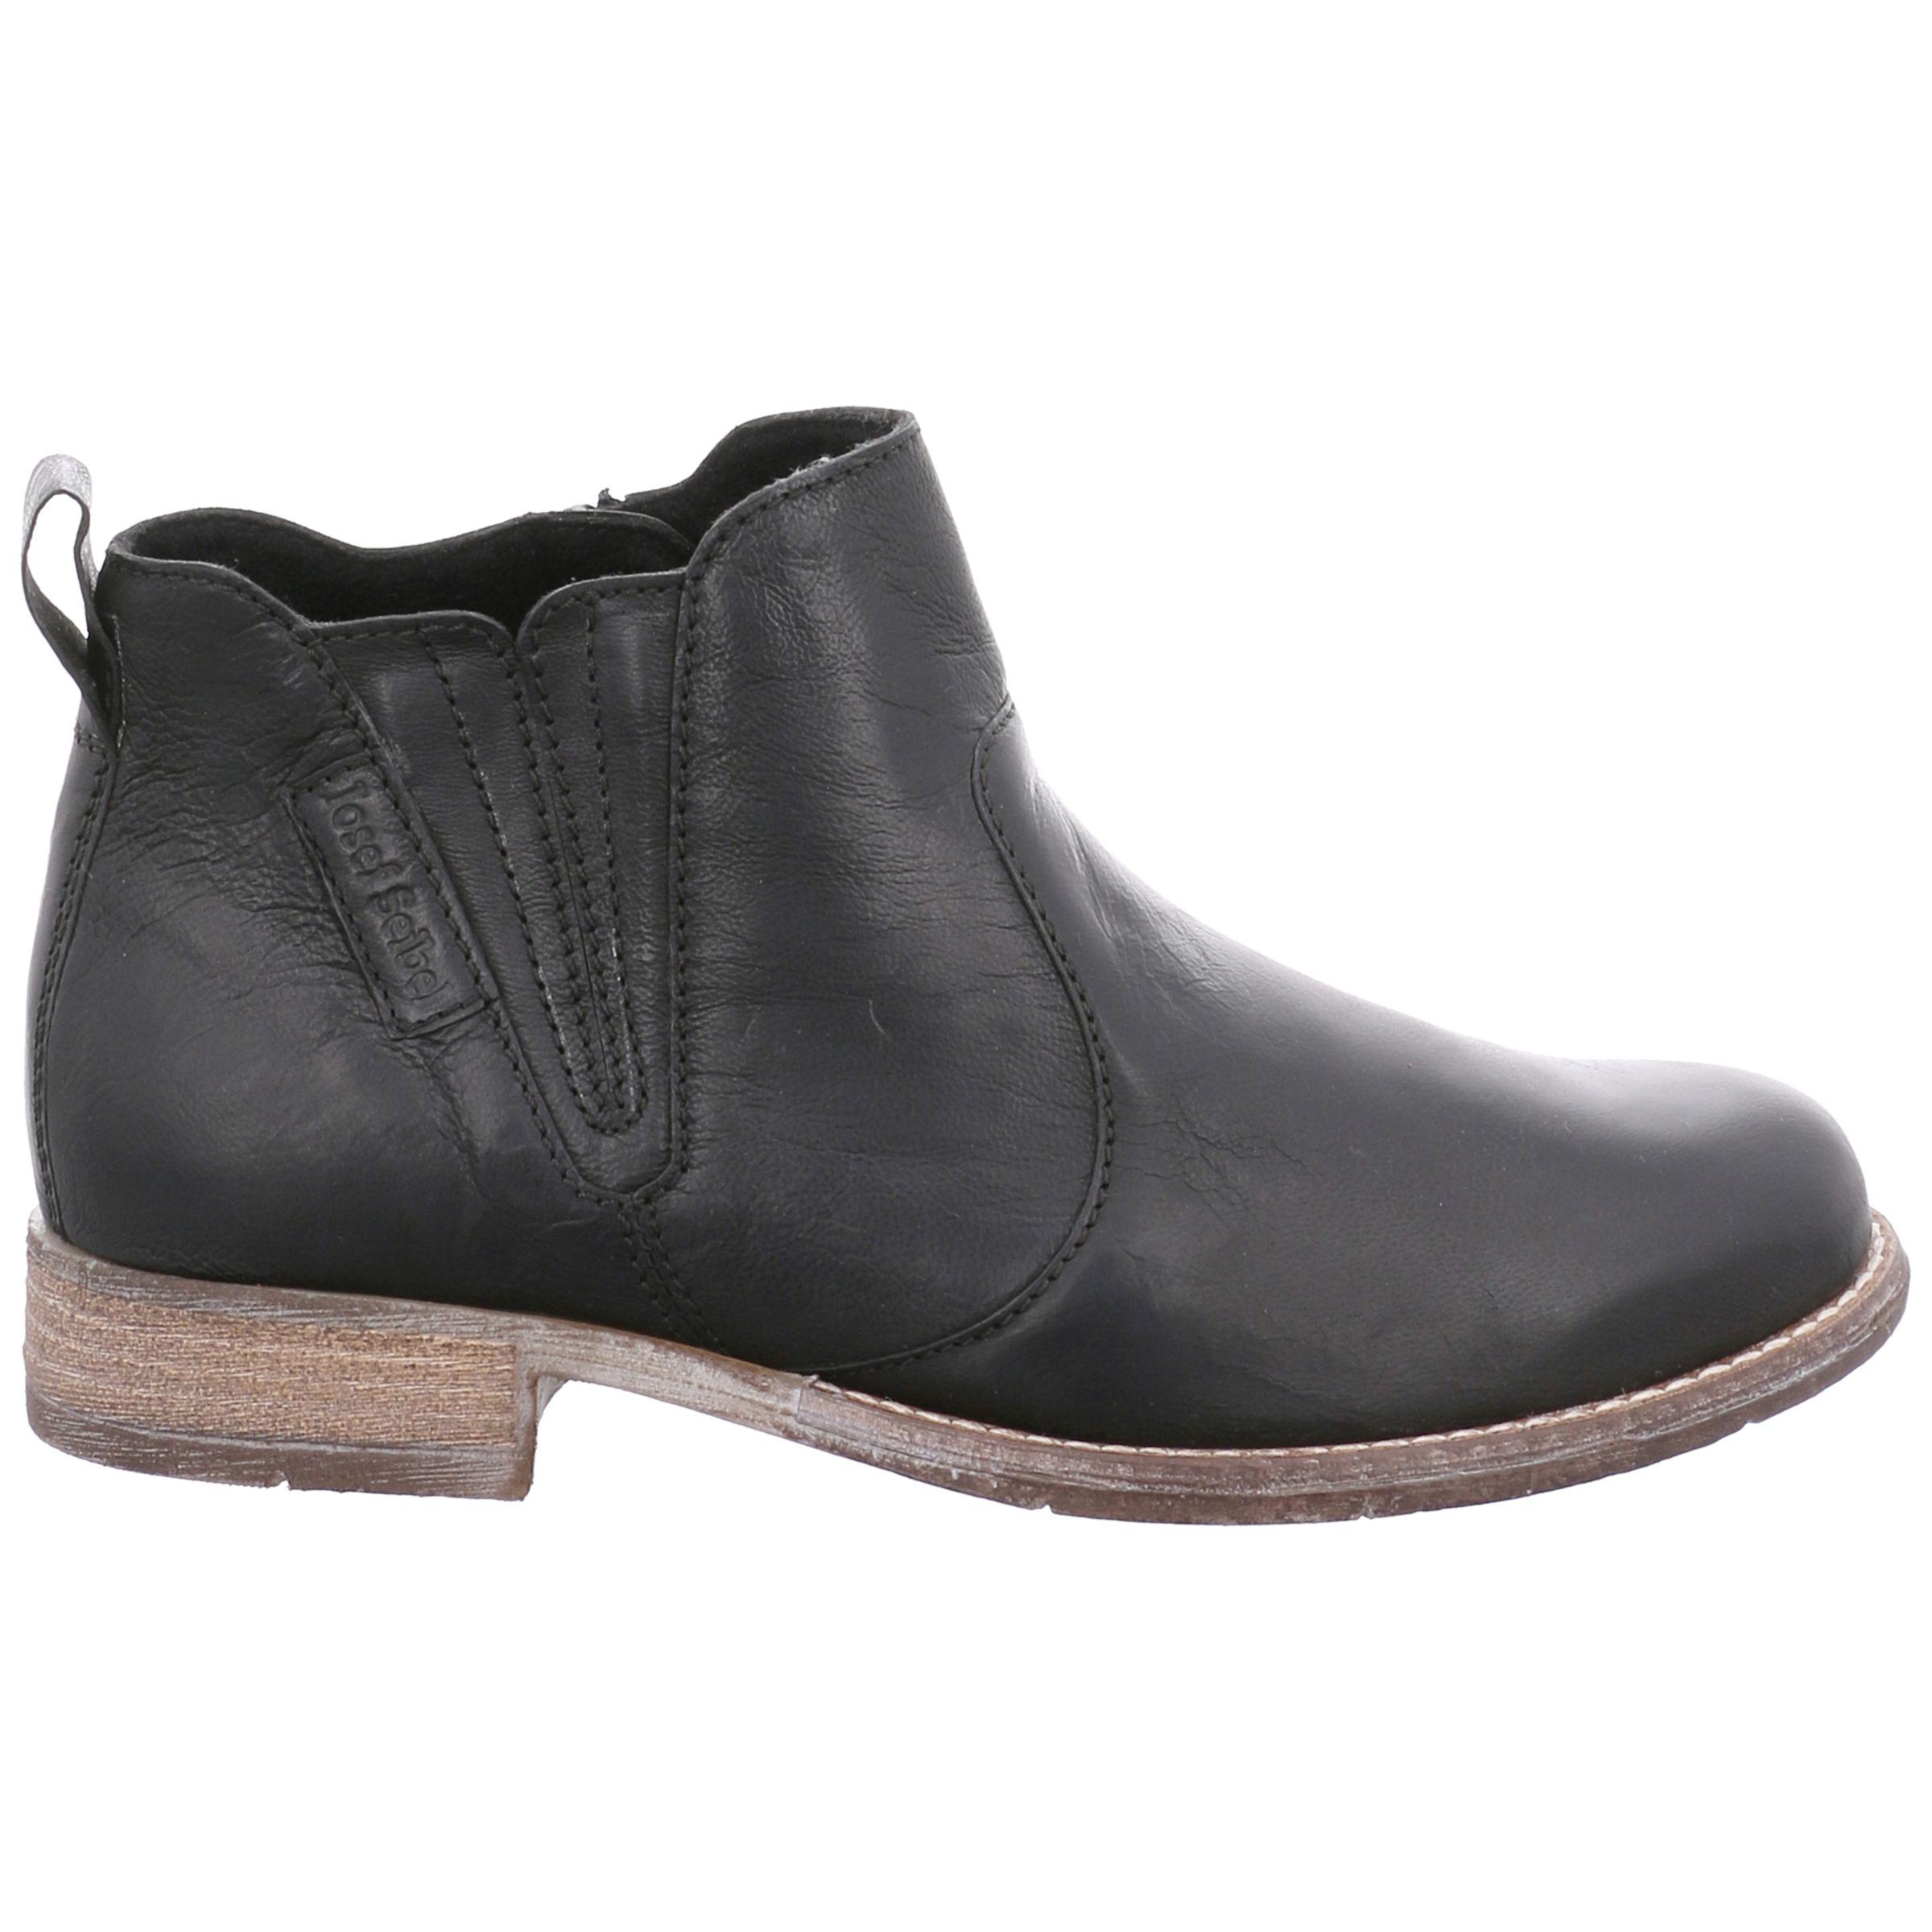 Josef Seibel Josef Seibel Sienna 45 Block Heel Ankle Boots, Black Leather